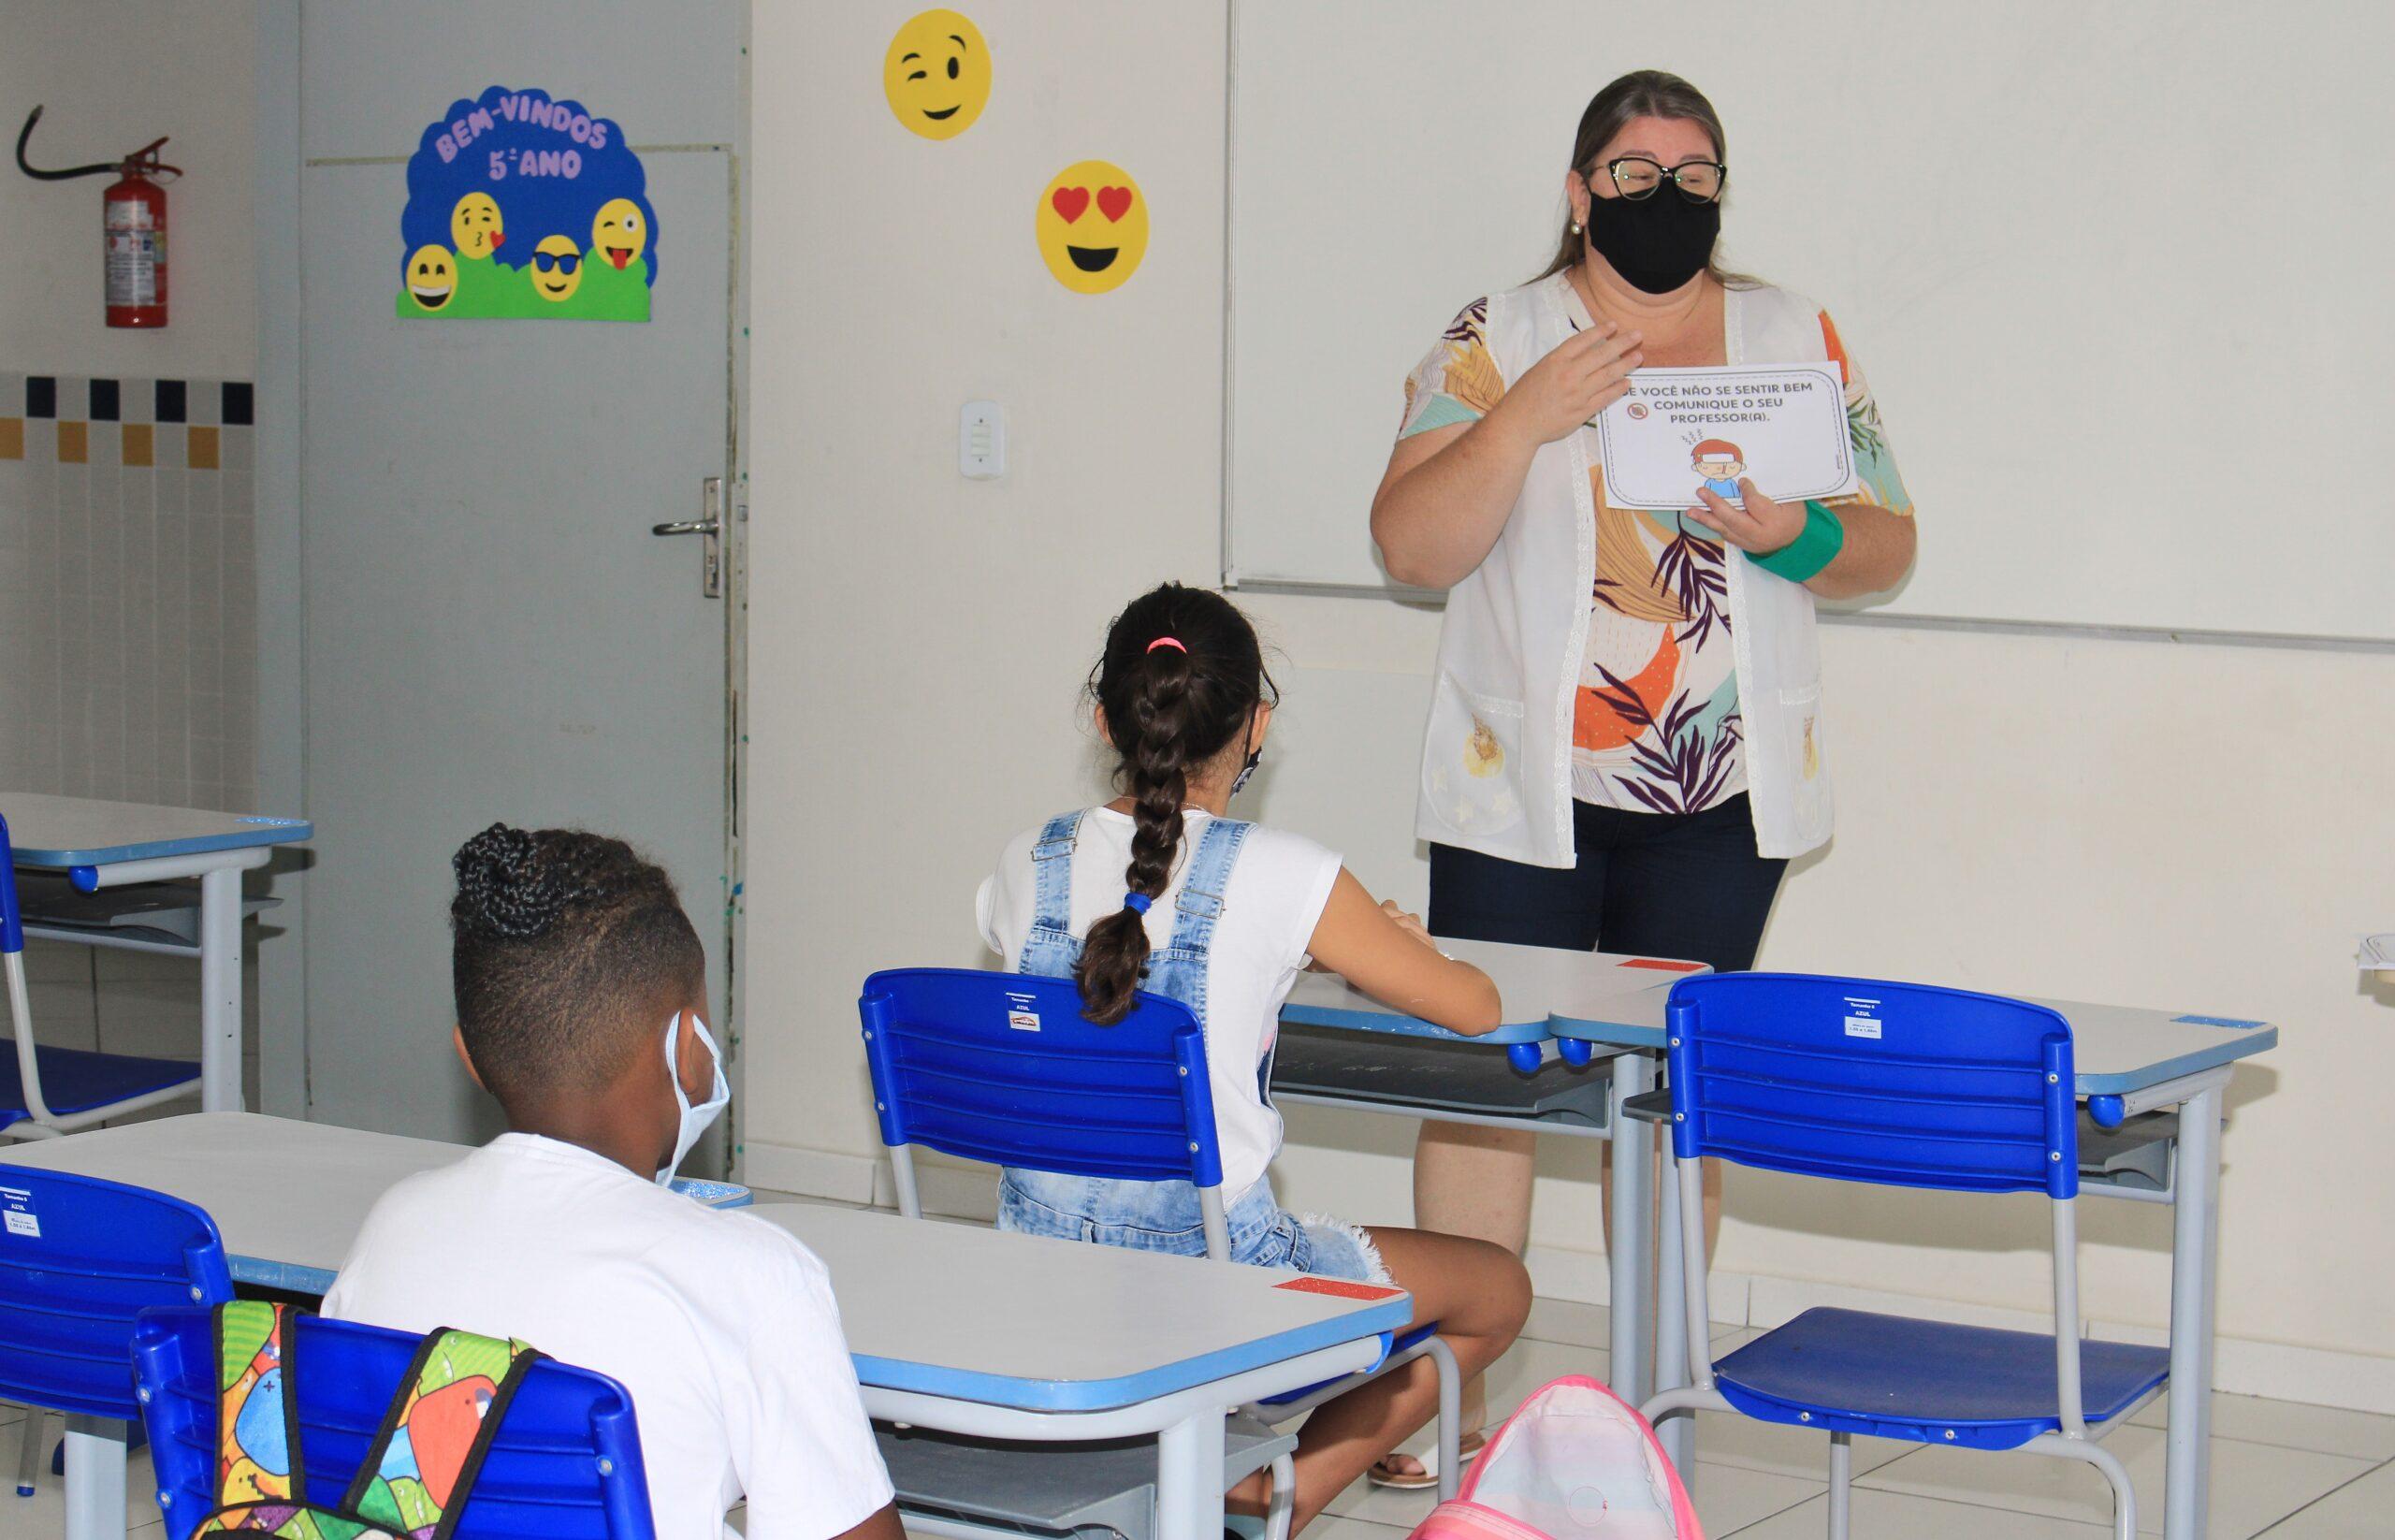 Itajaí Volta às Aulas: segunda-feira Estudantes da Rede Municipal de Ensino voltam às aulas após recesso escolar